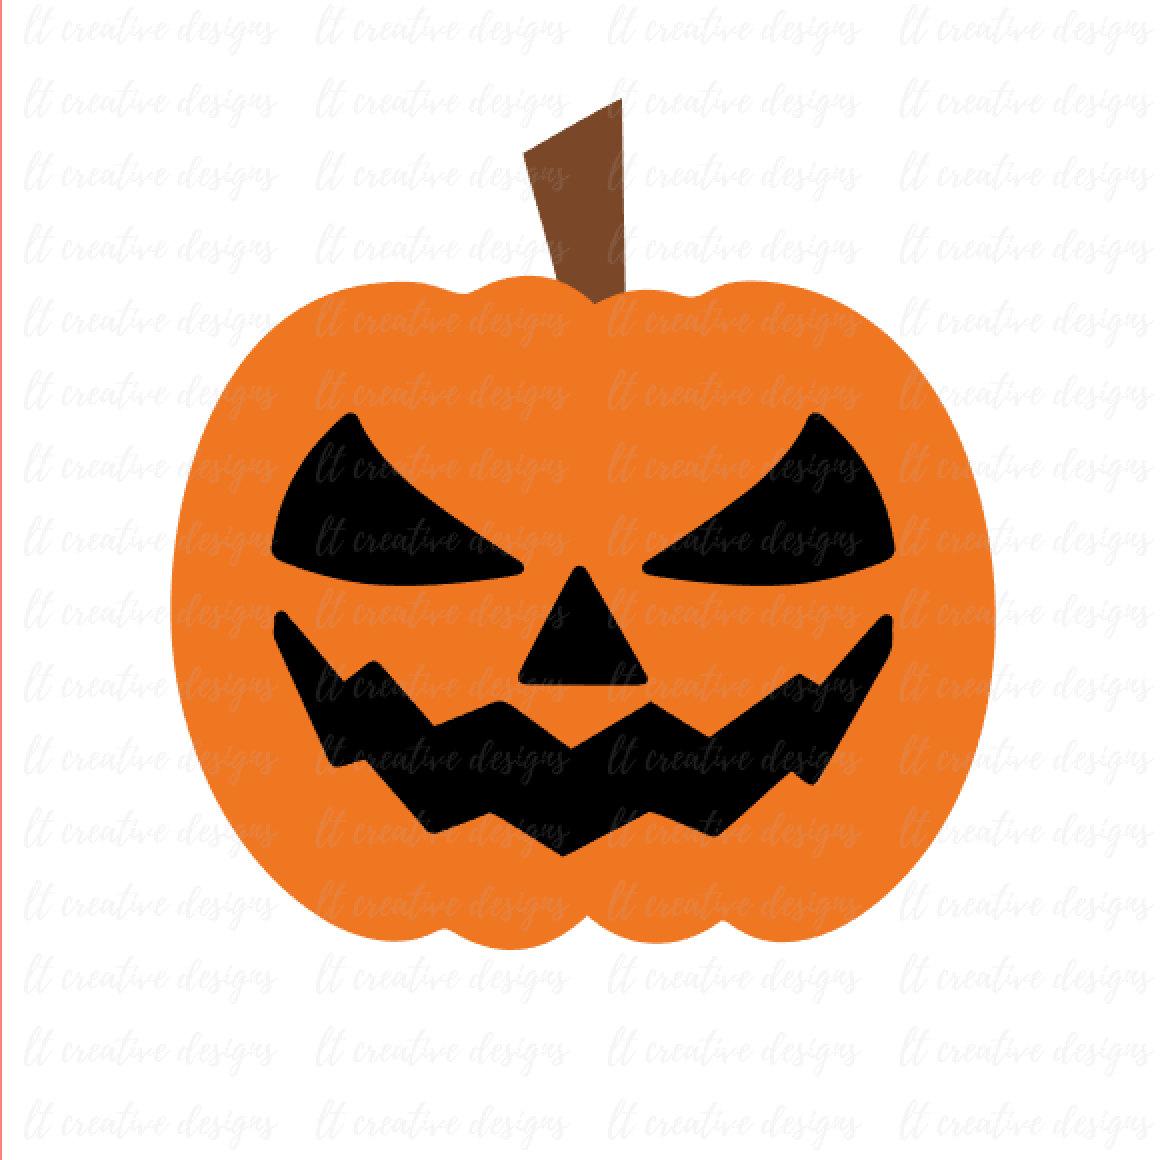 1166x1160 Jack O Lantern Svg, Pumpkin Svg, Pumpkin Face Svg, Halloween Svg